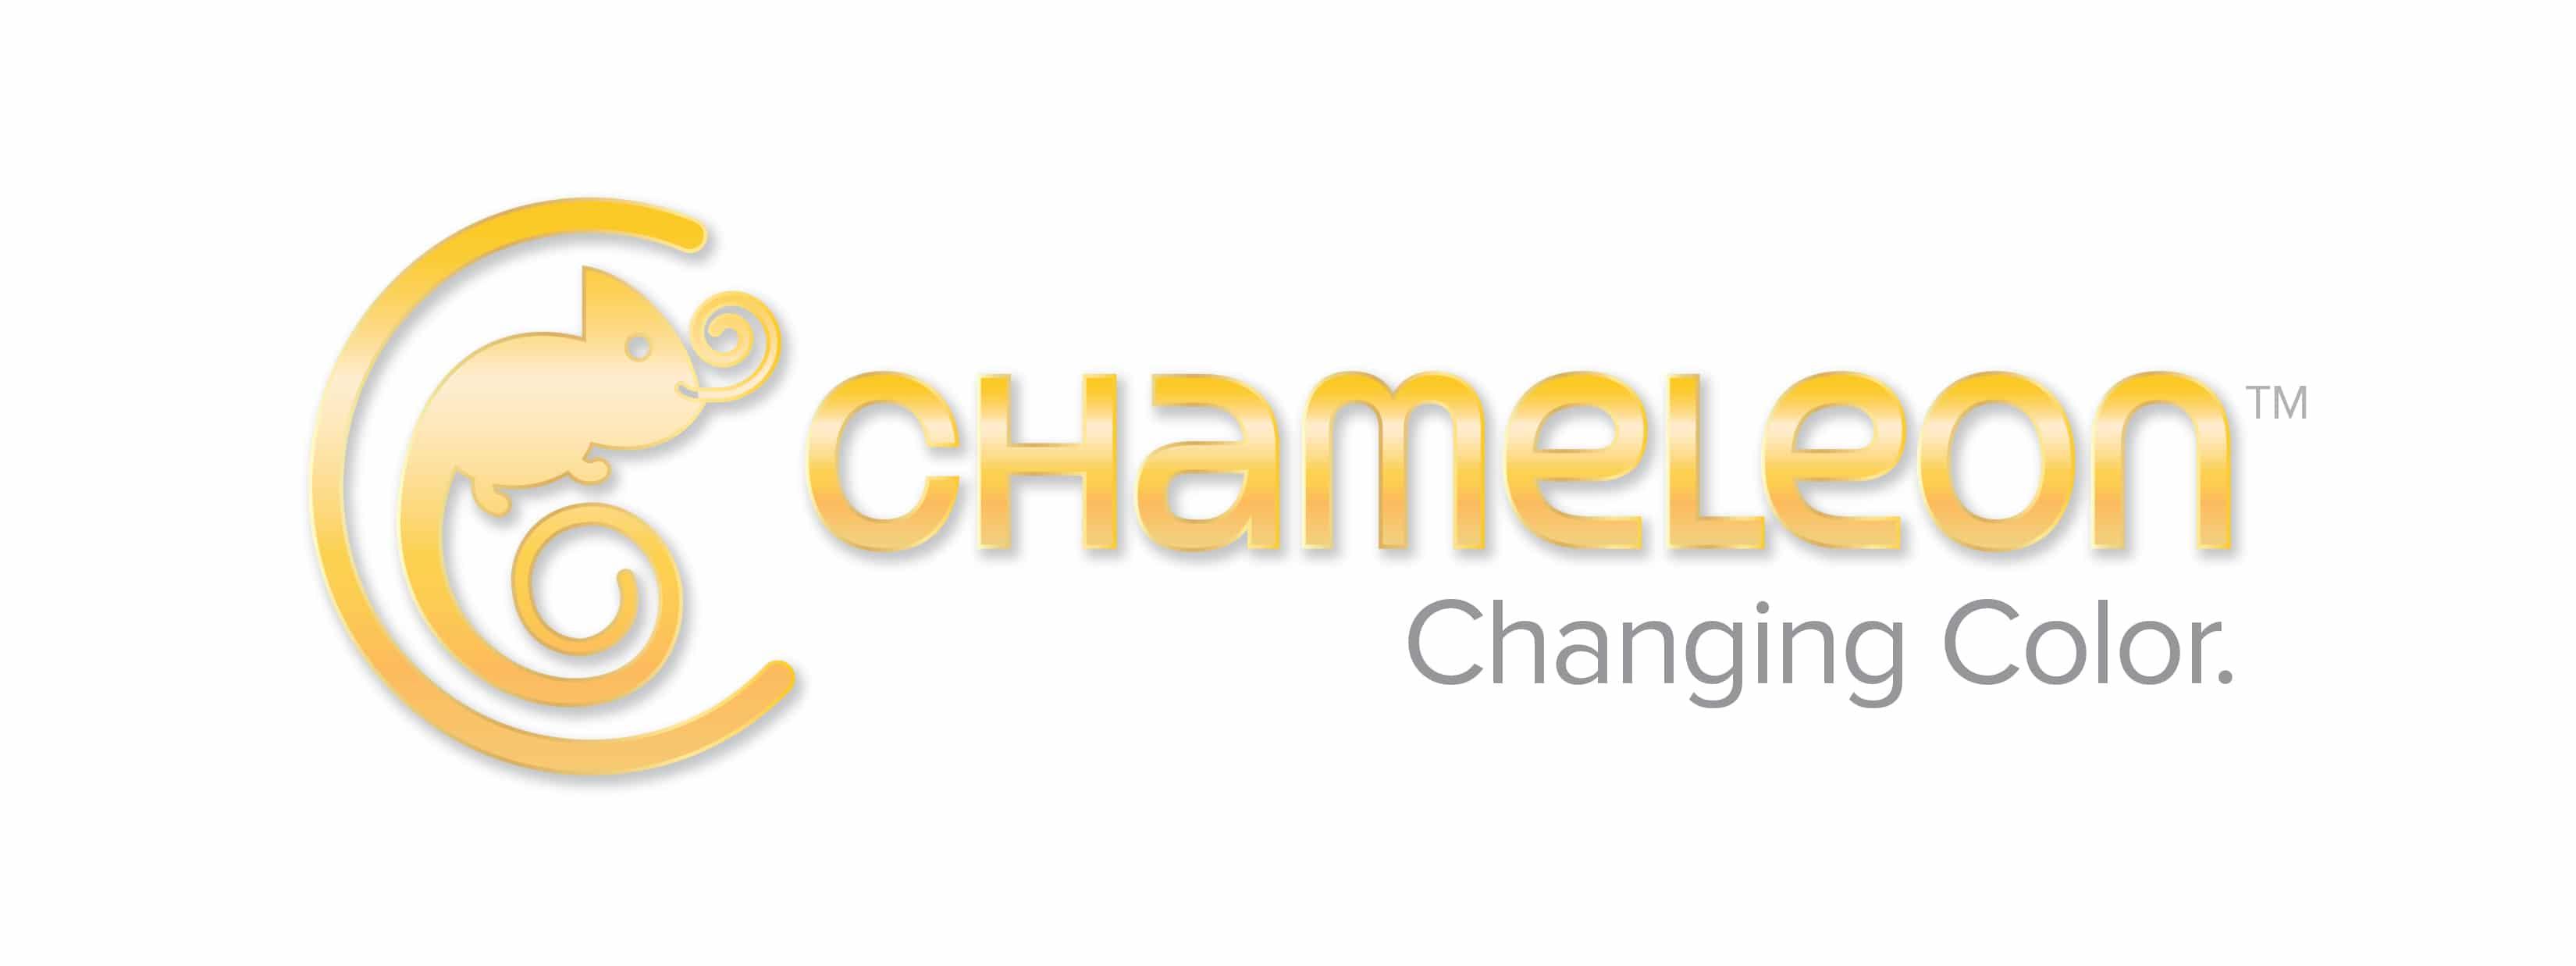 chameleon_pen